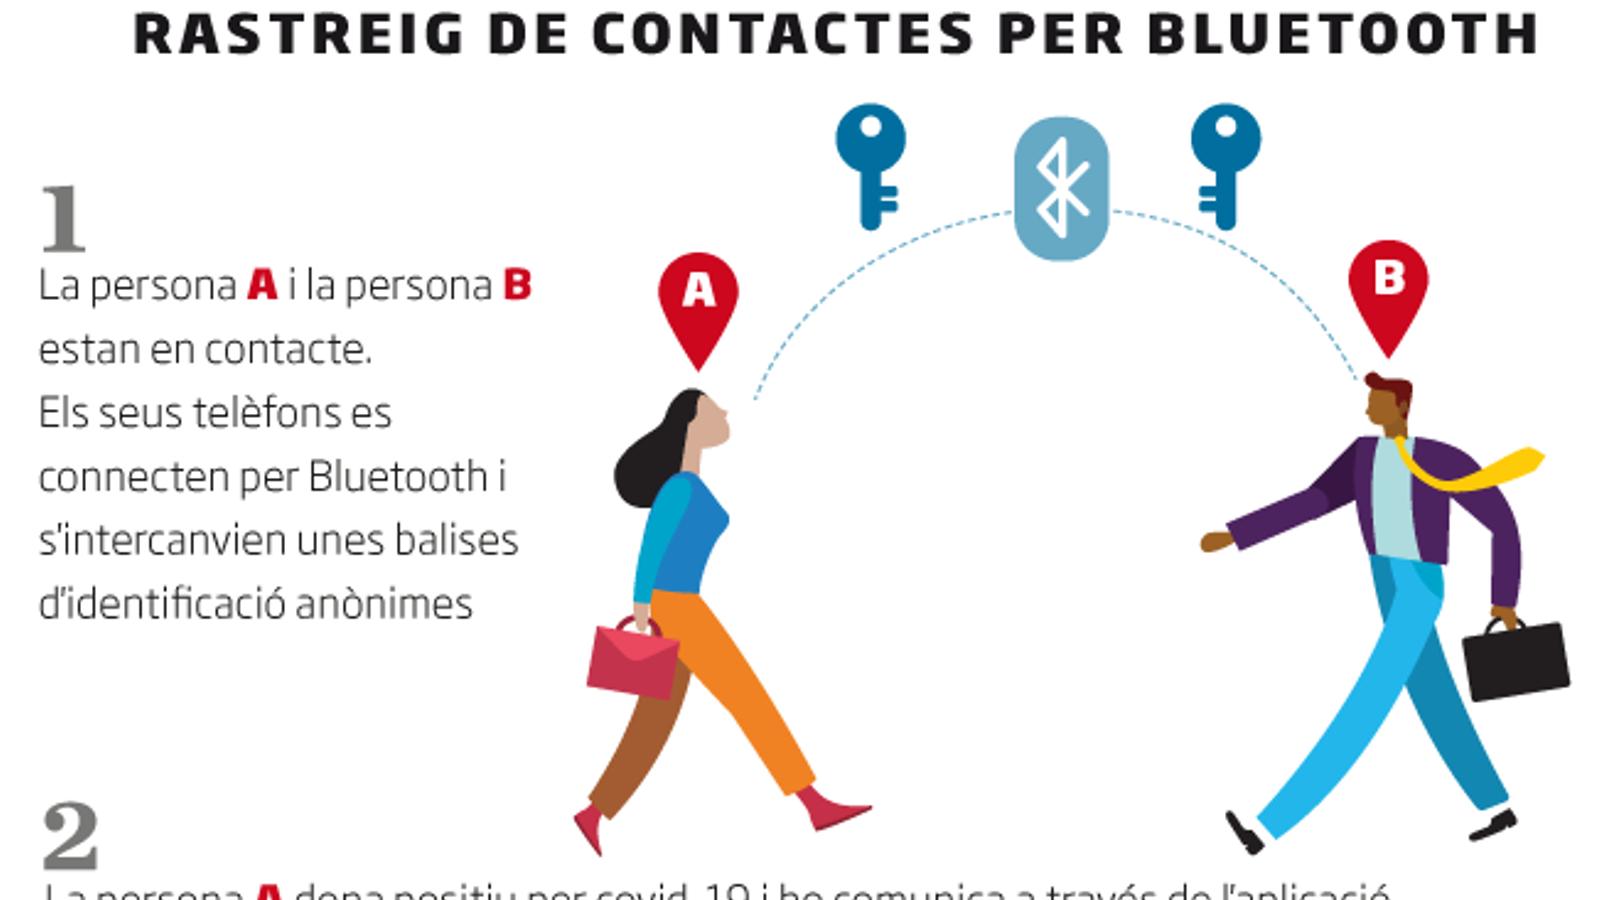 Així funciona el rastreig de contactes per Bluetooth